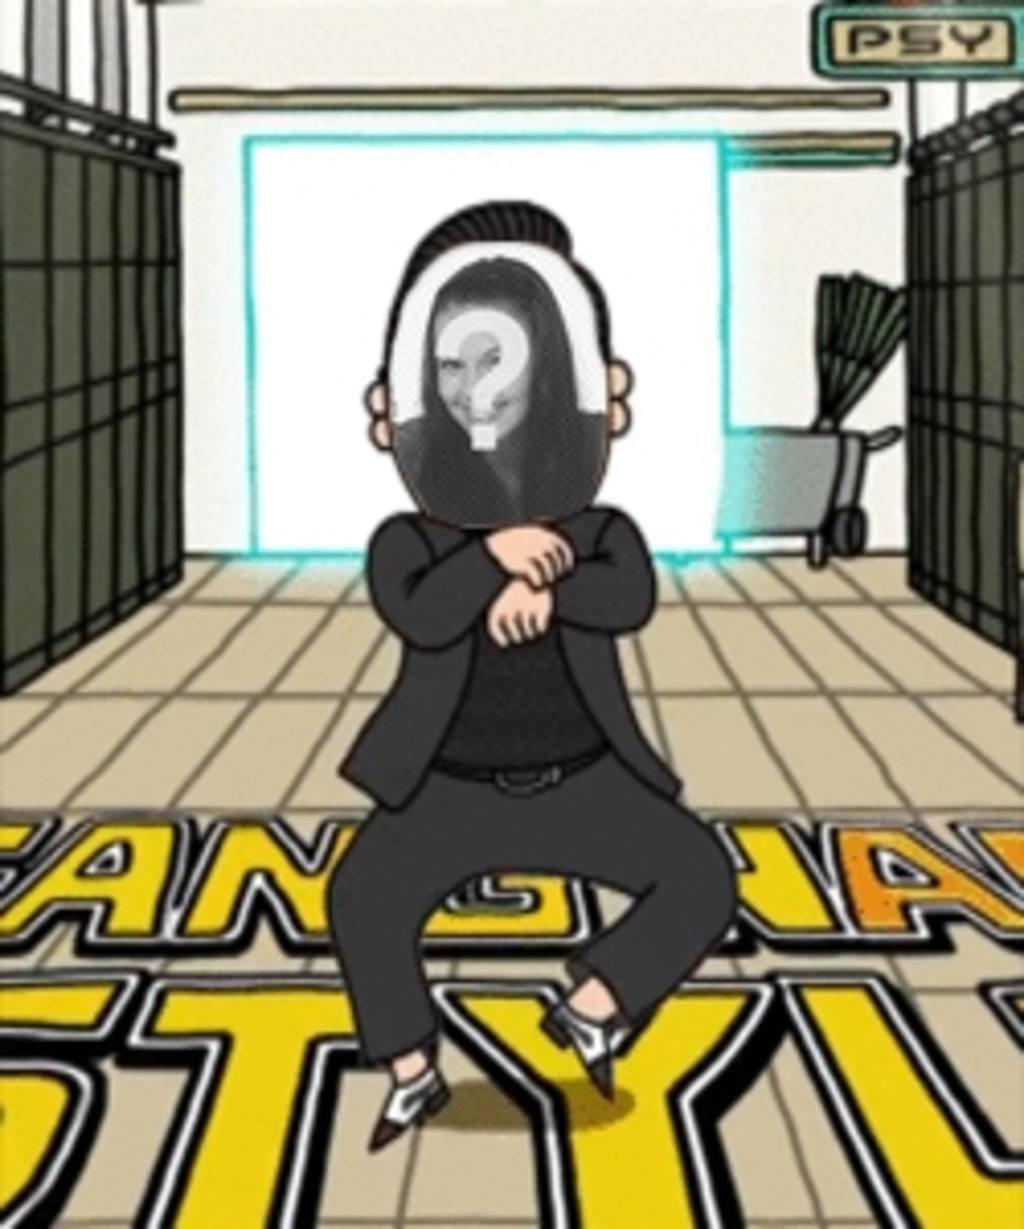 Créez votre propre animation de Psy Gagnam Style avec votre propre photo et surprenez vos amis